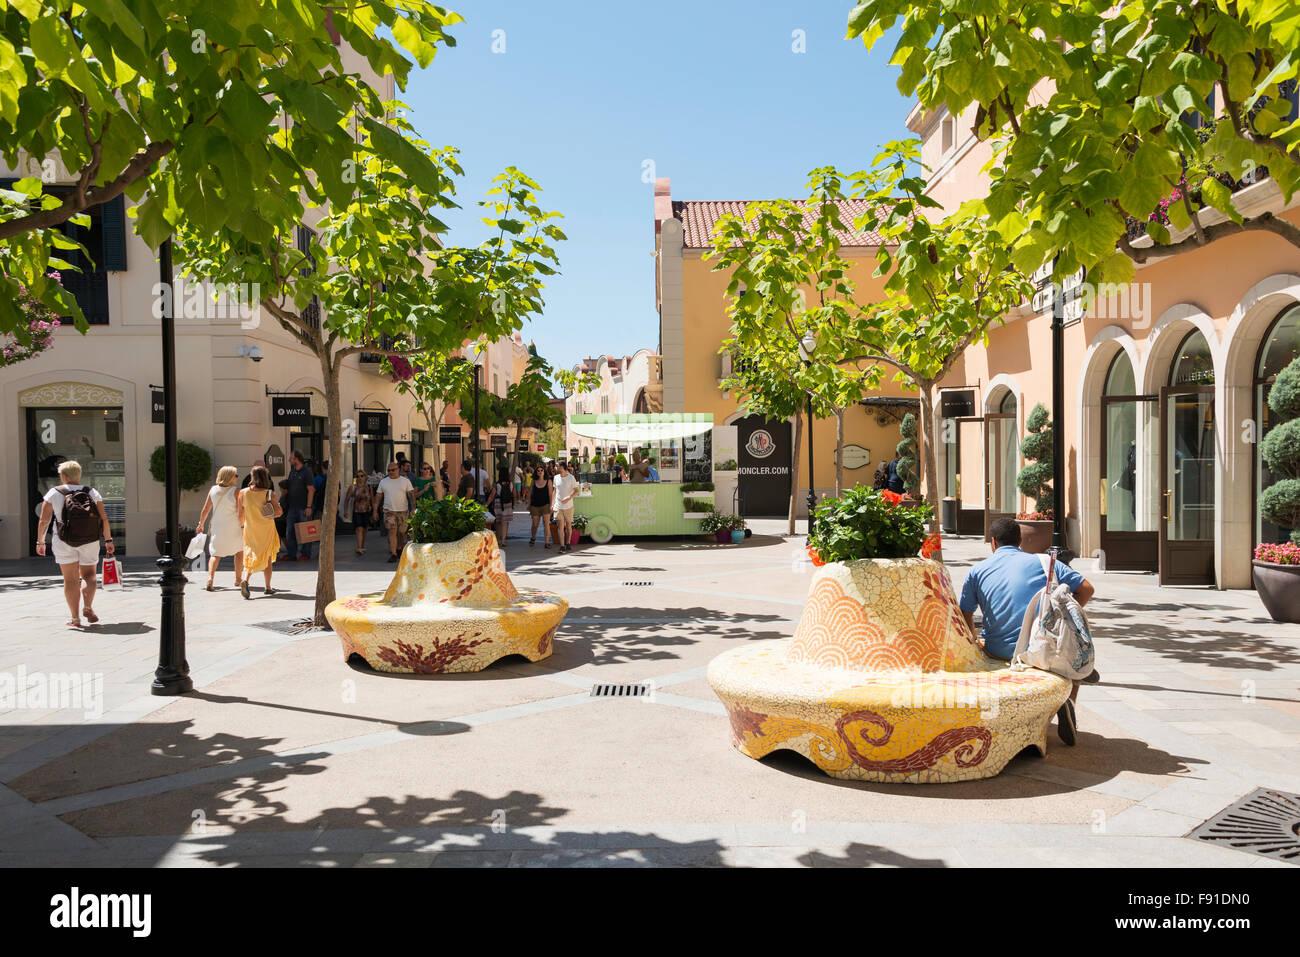 Petite place à La Roca Village (Designer Outlet Shopping), La Roca del Vallès, Barcelone, Province de Photo Stock